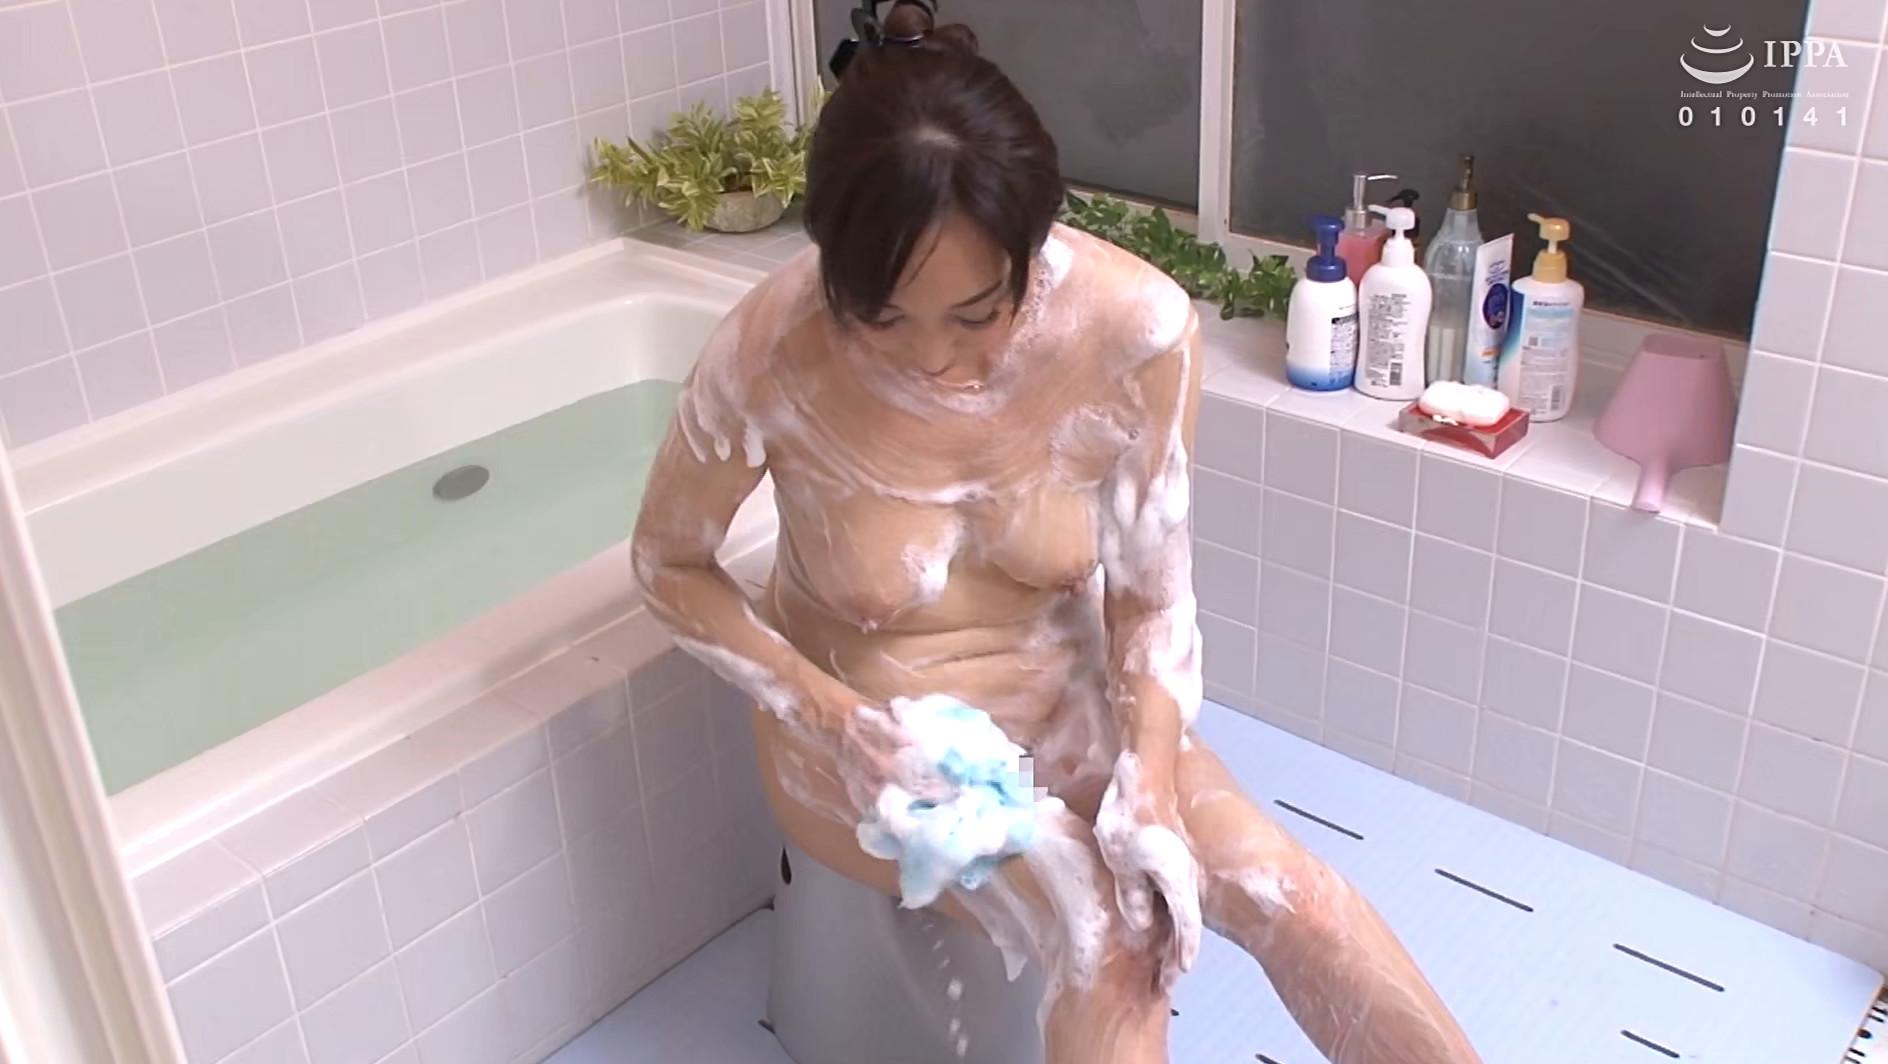 濡れそぼる、母の乳房を、見ていたら。DX 10人4時間